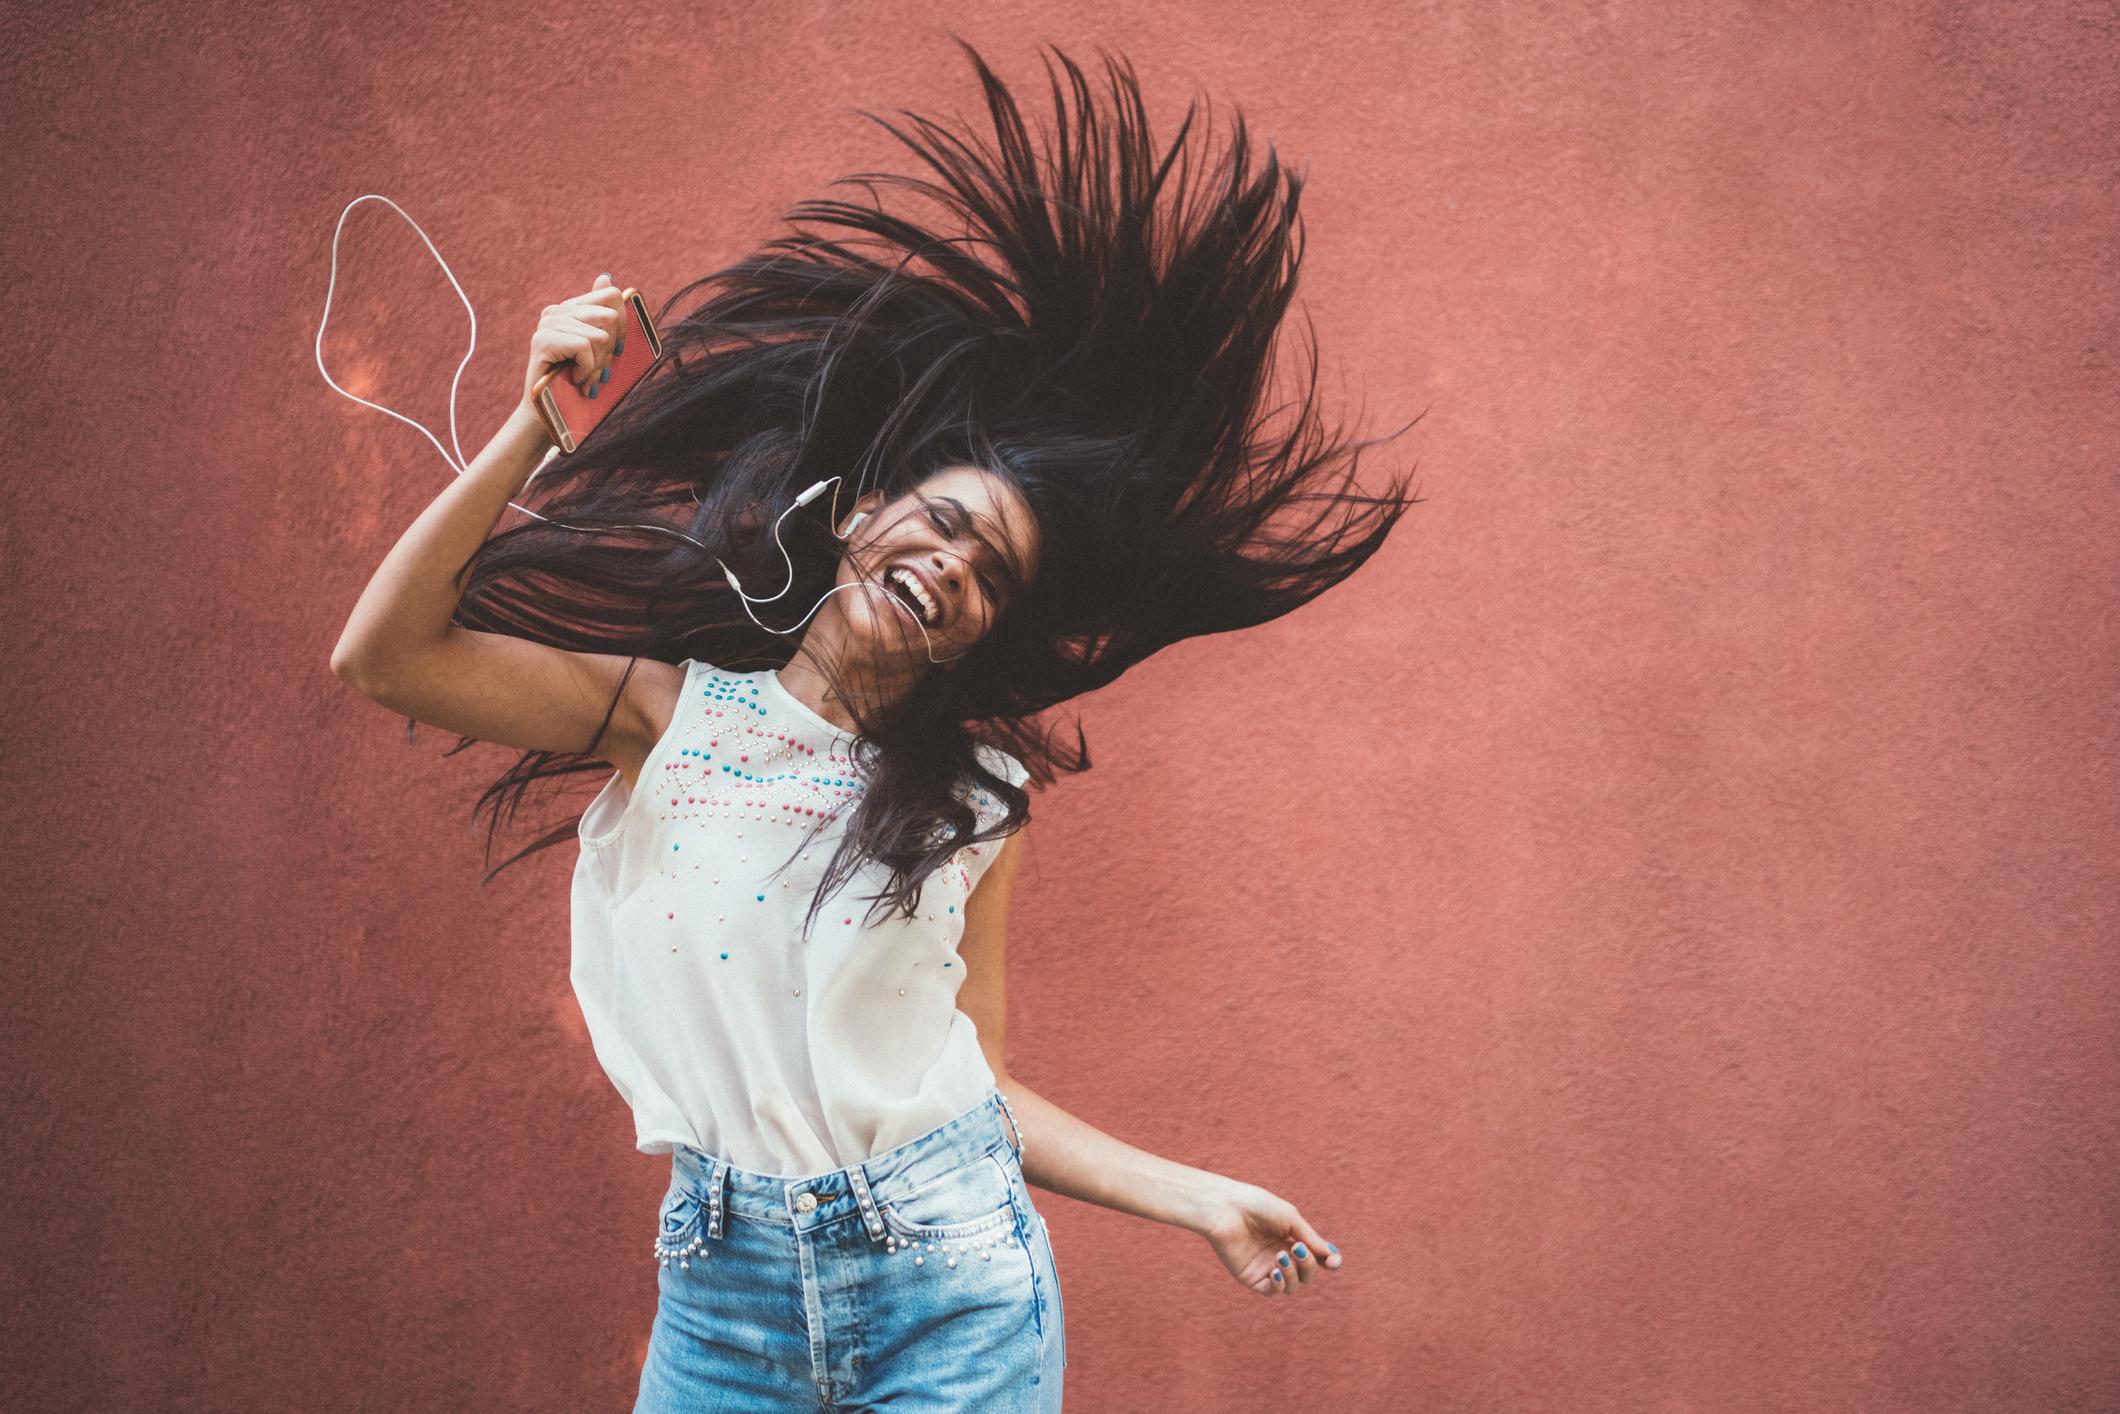 <p><strong>Binnenpretje</strong> (холандски)</p>  <p>Самозабава &ndash; когато се смеем вътрешно на собствена шегичка, която само ние си разбираме и намираме за безкрайно забавна.</p>